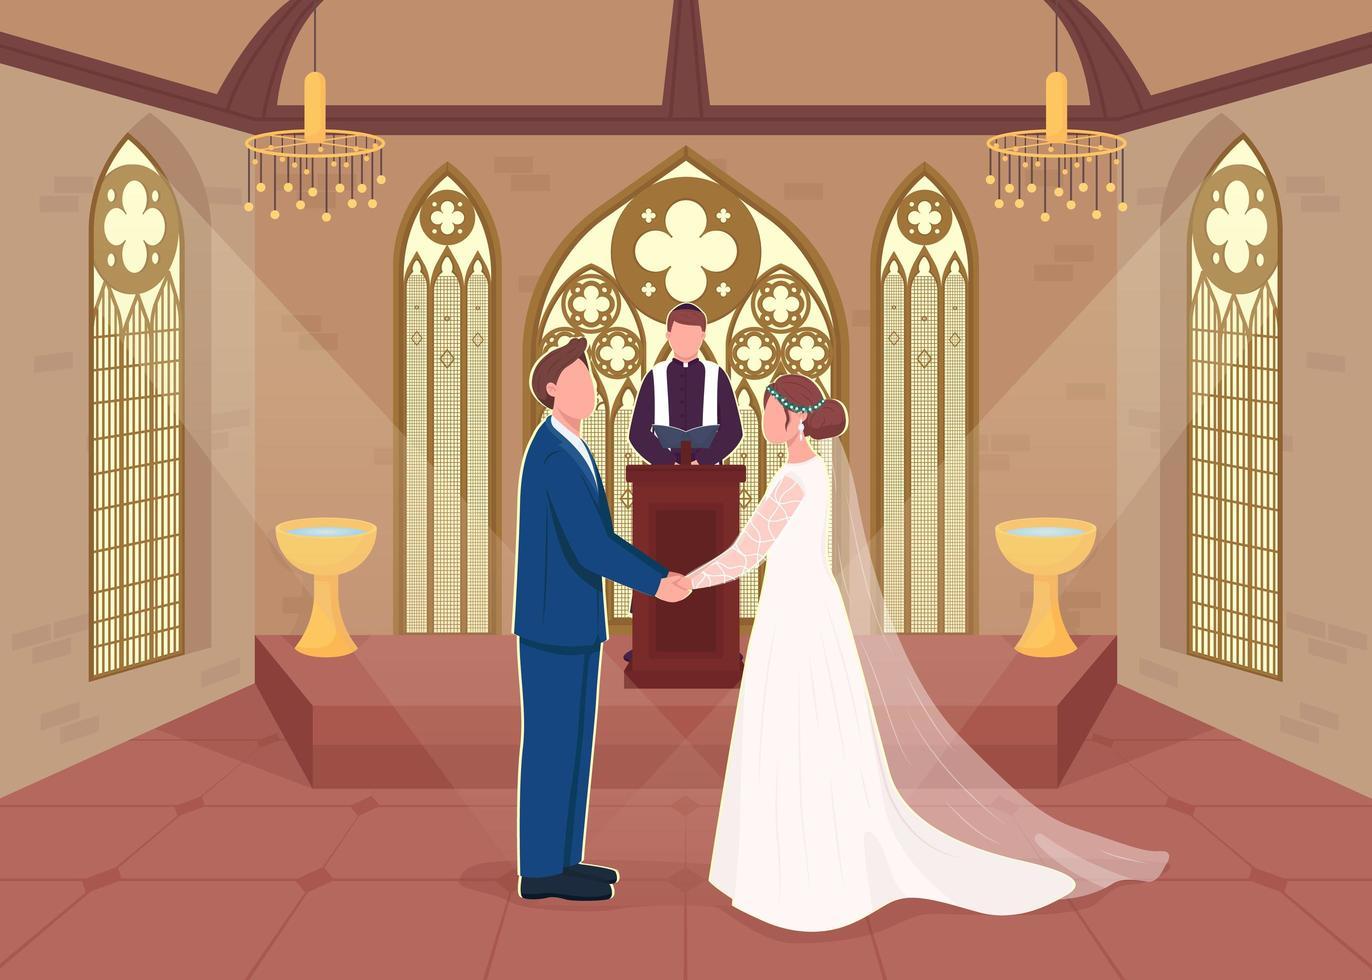 religiöse Hochzeitszeremonie vektor